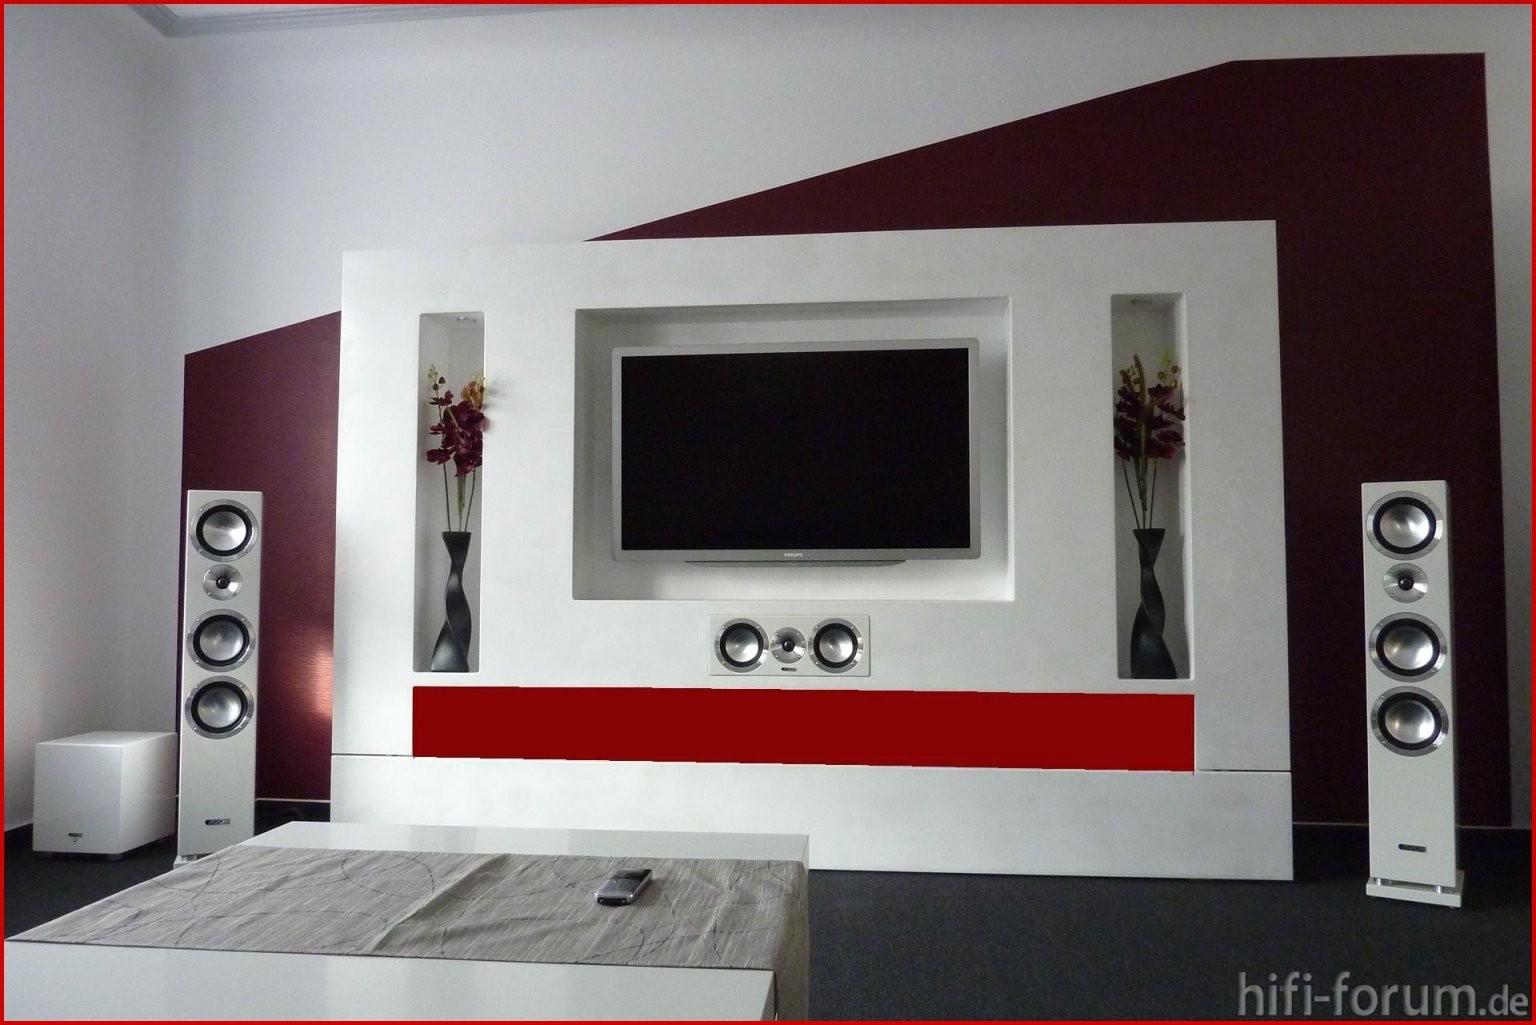 Tv Mediawand Frisch Zum Mediawand Selber Bauen Diy von Media Wand Selber Bauen Bild